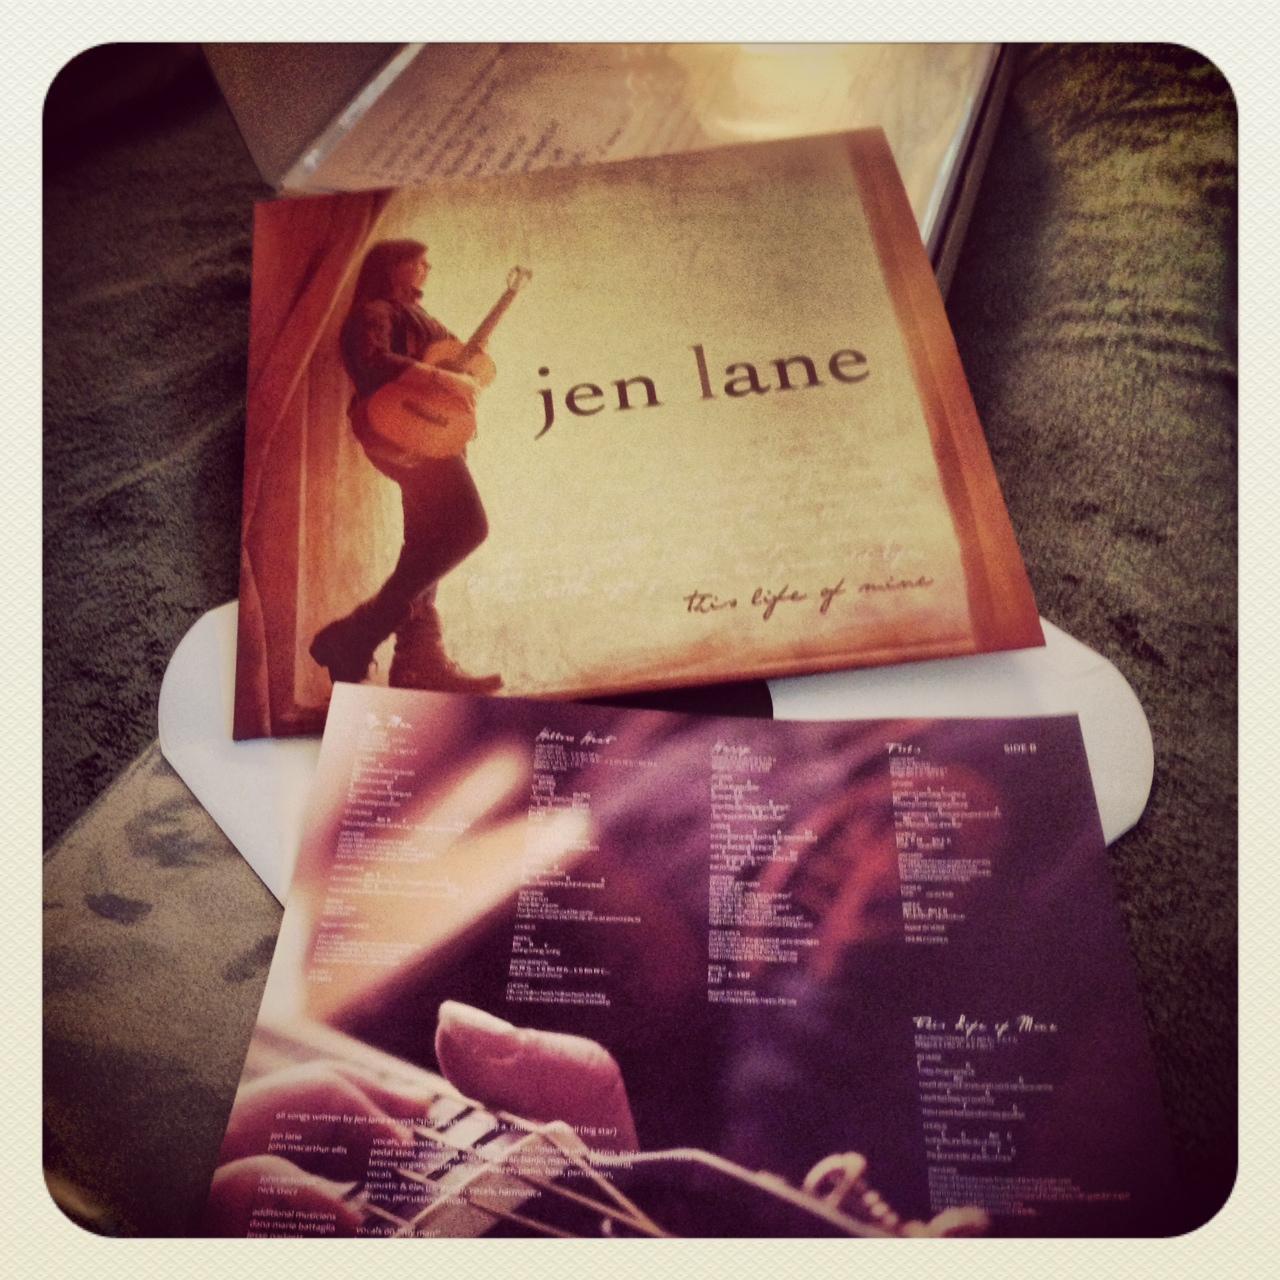 Jen Lane vinyl photo